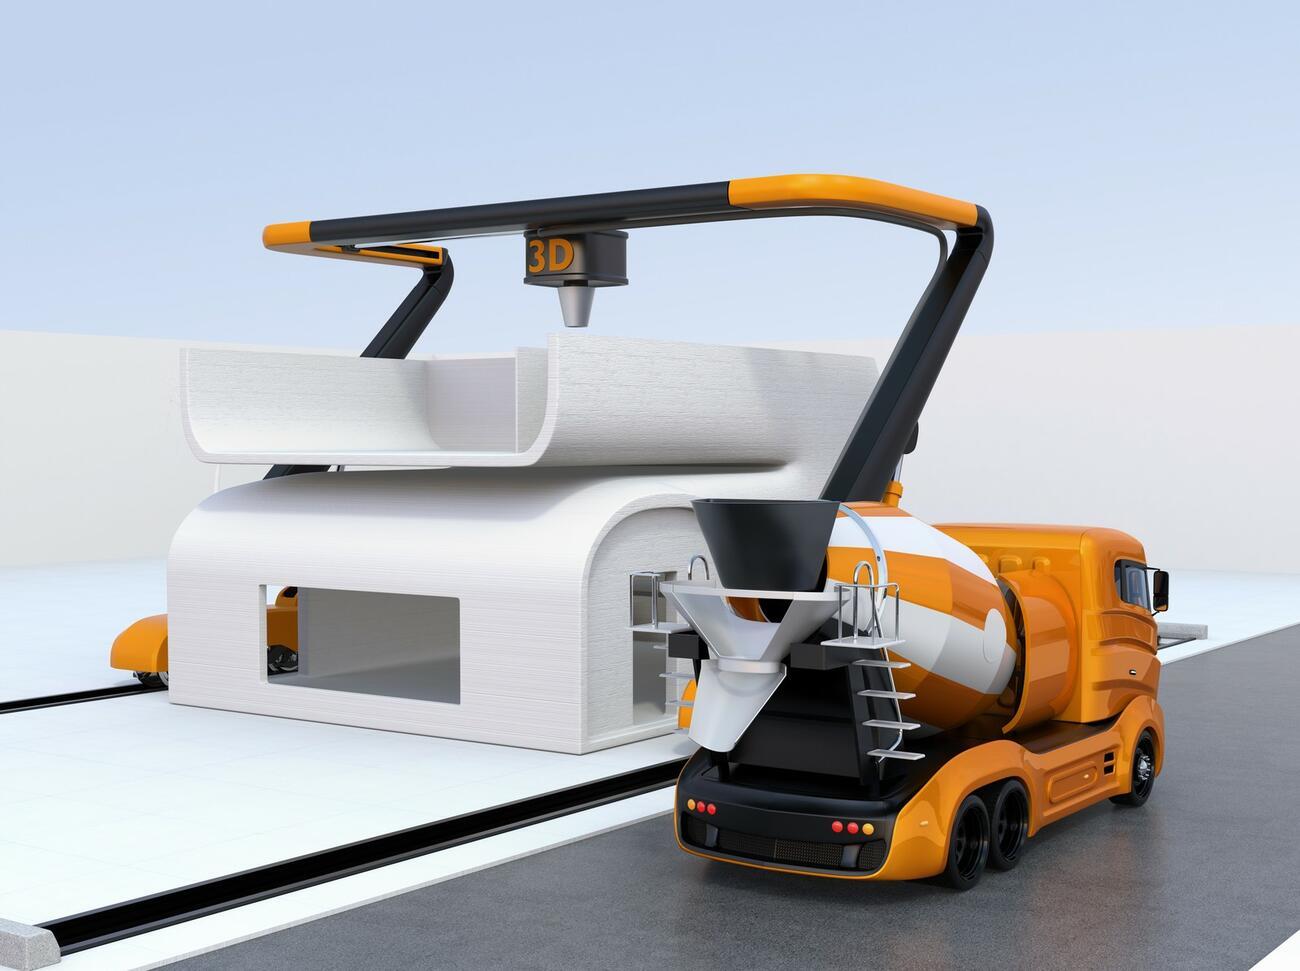 3D-Betondruck: Dieser Handwerker macht Zukunft